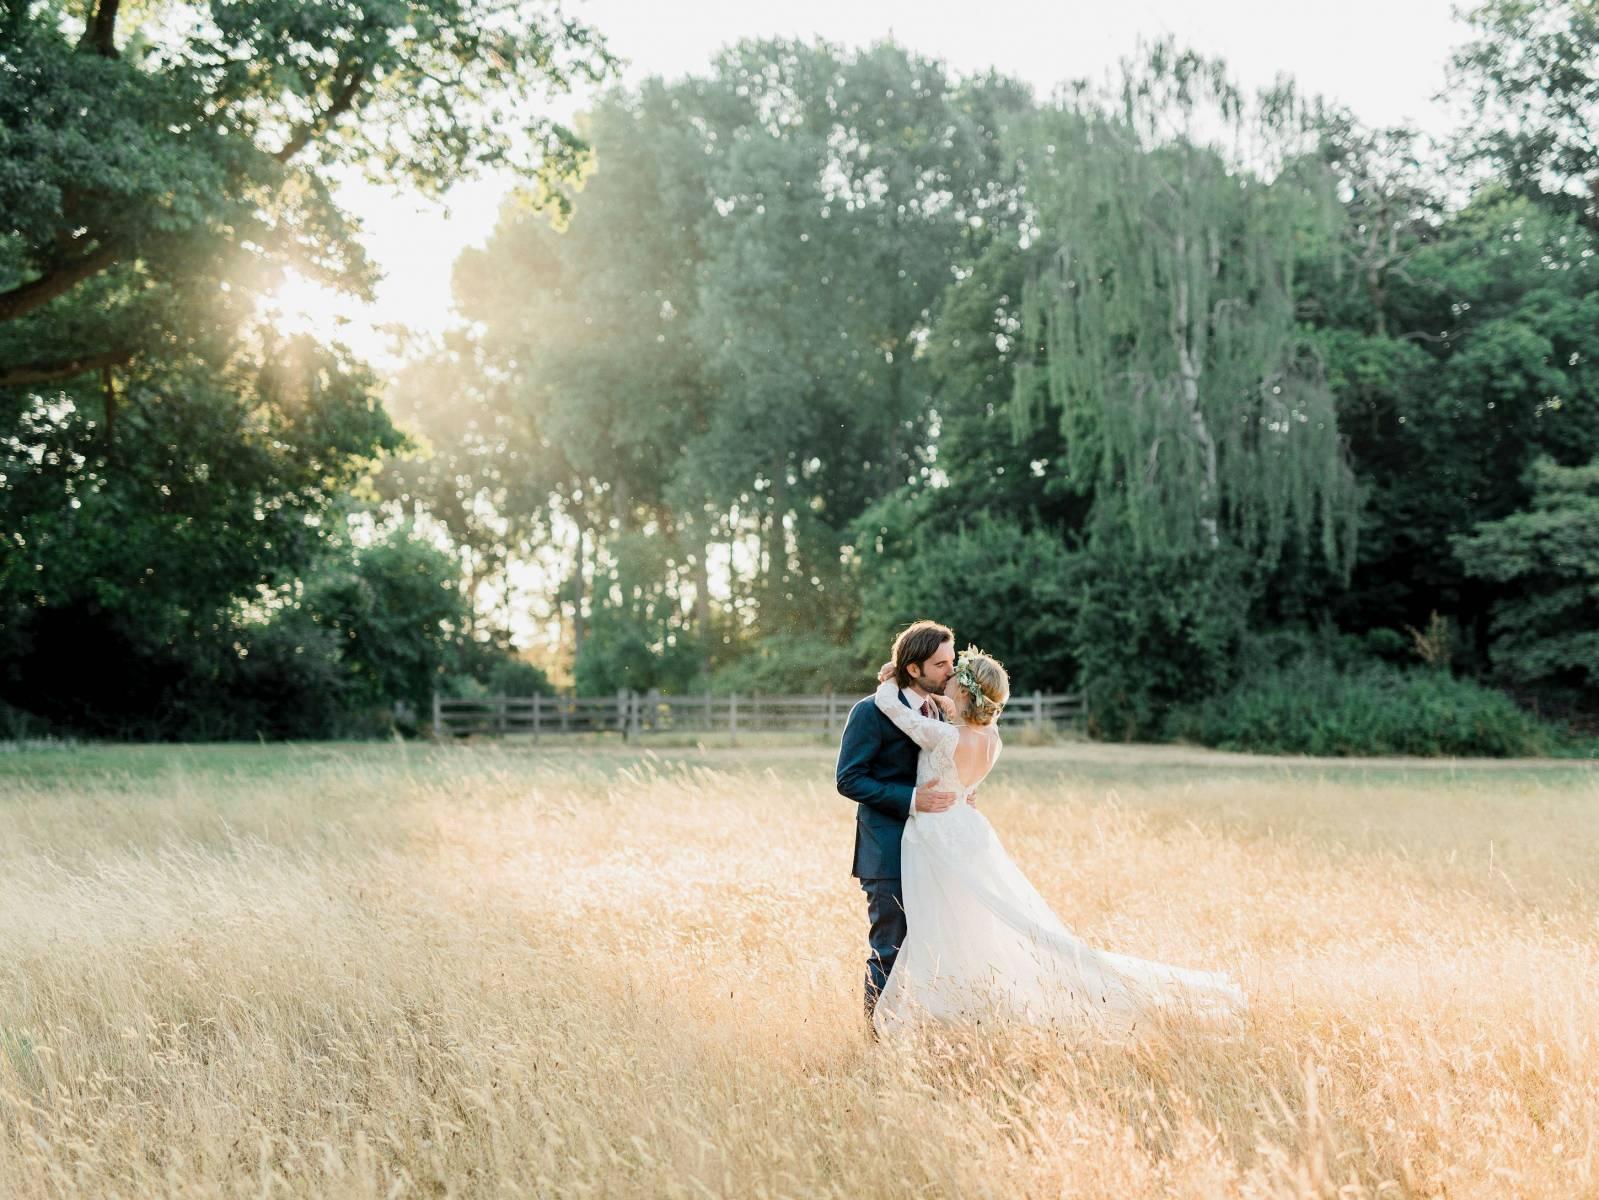 Elisabeth Van Lent - Huwelijksfotograaf - Fine Art - House of Weddings - 8